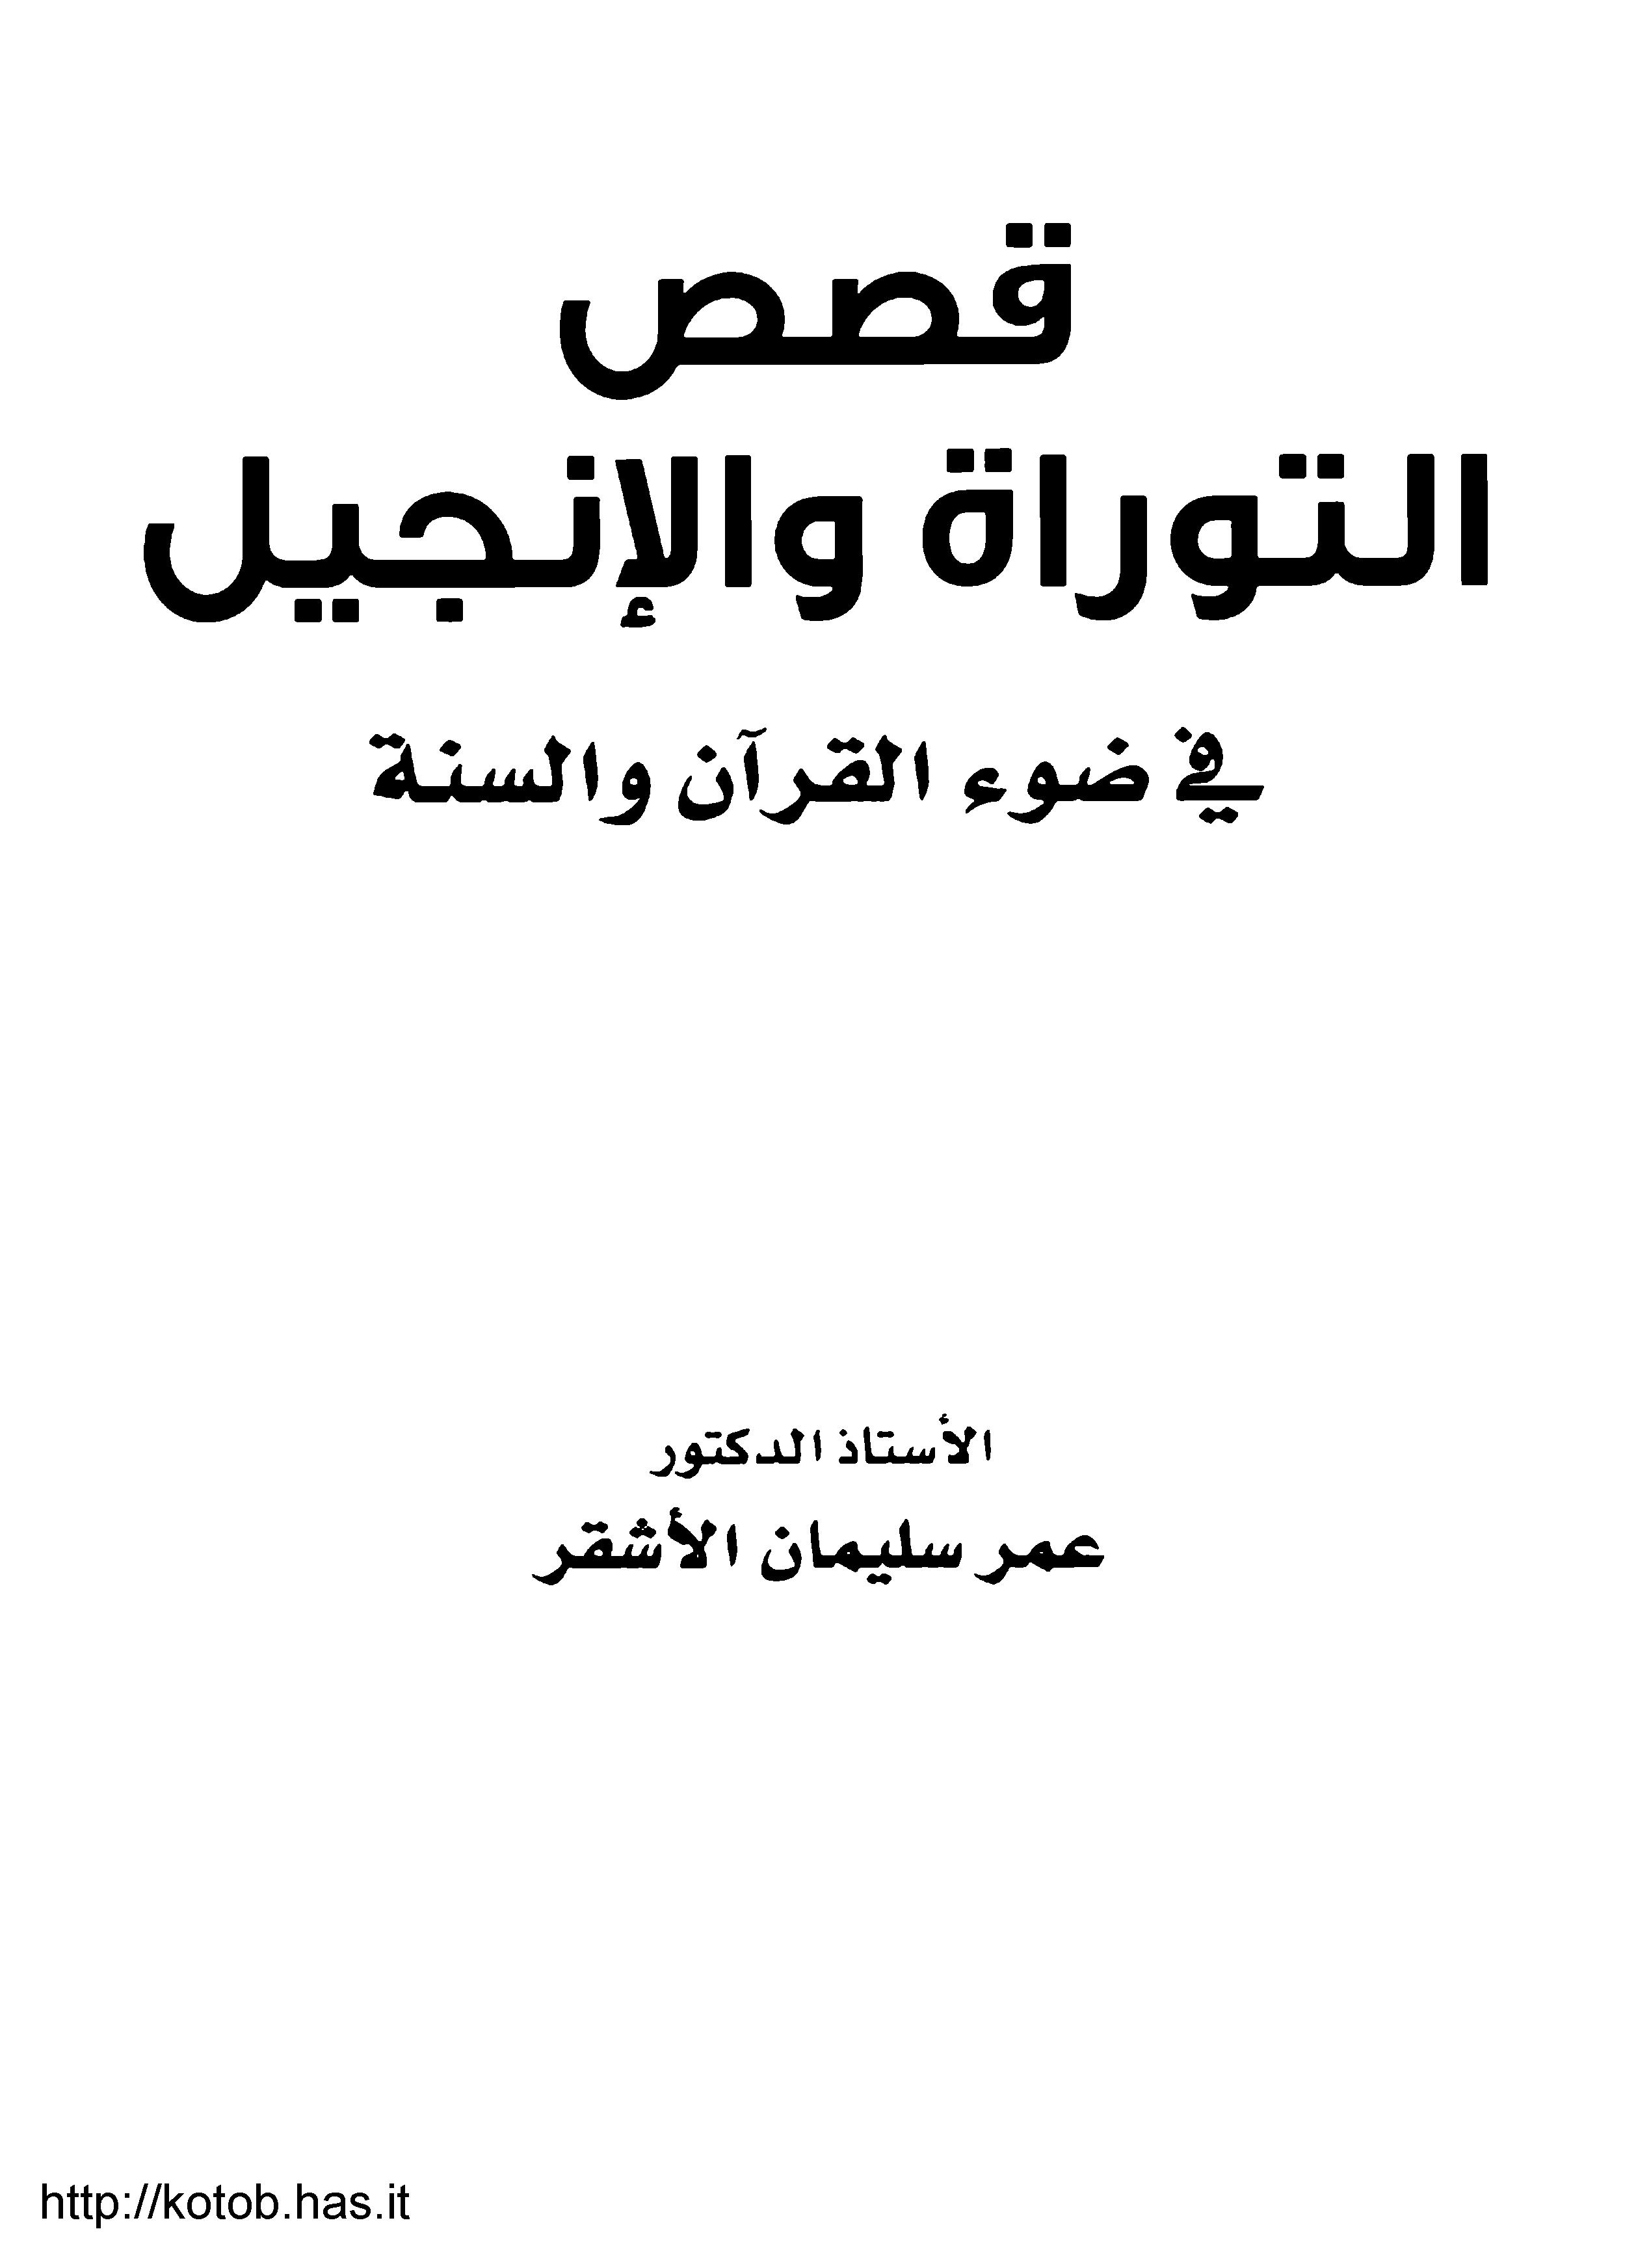 تحميل كتاب قصص التوراة والإنجيل في ضوء القرآن والسنة لـِ: الدكتور عمر بن سليمان بن عبد الله الأشقر العتيبي (ت 1433)